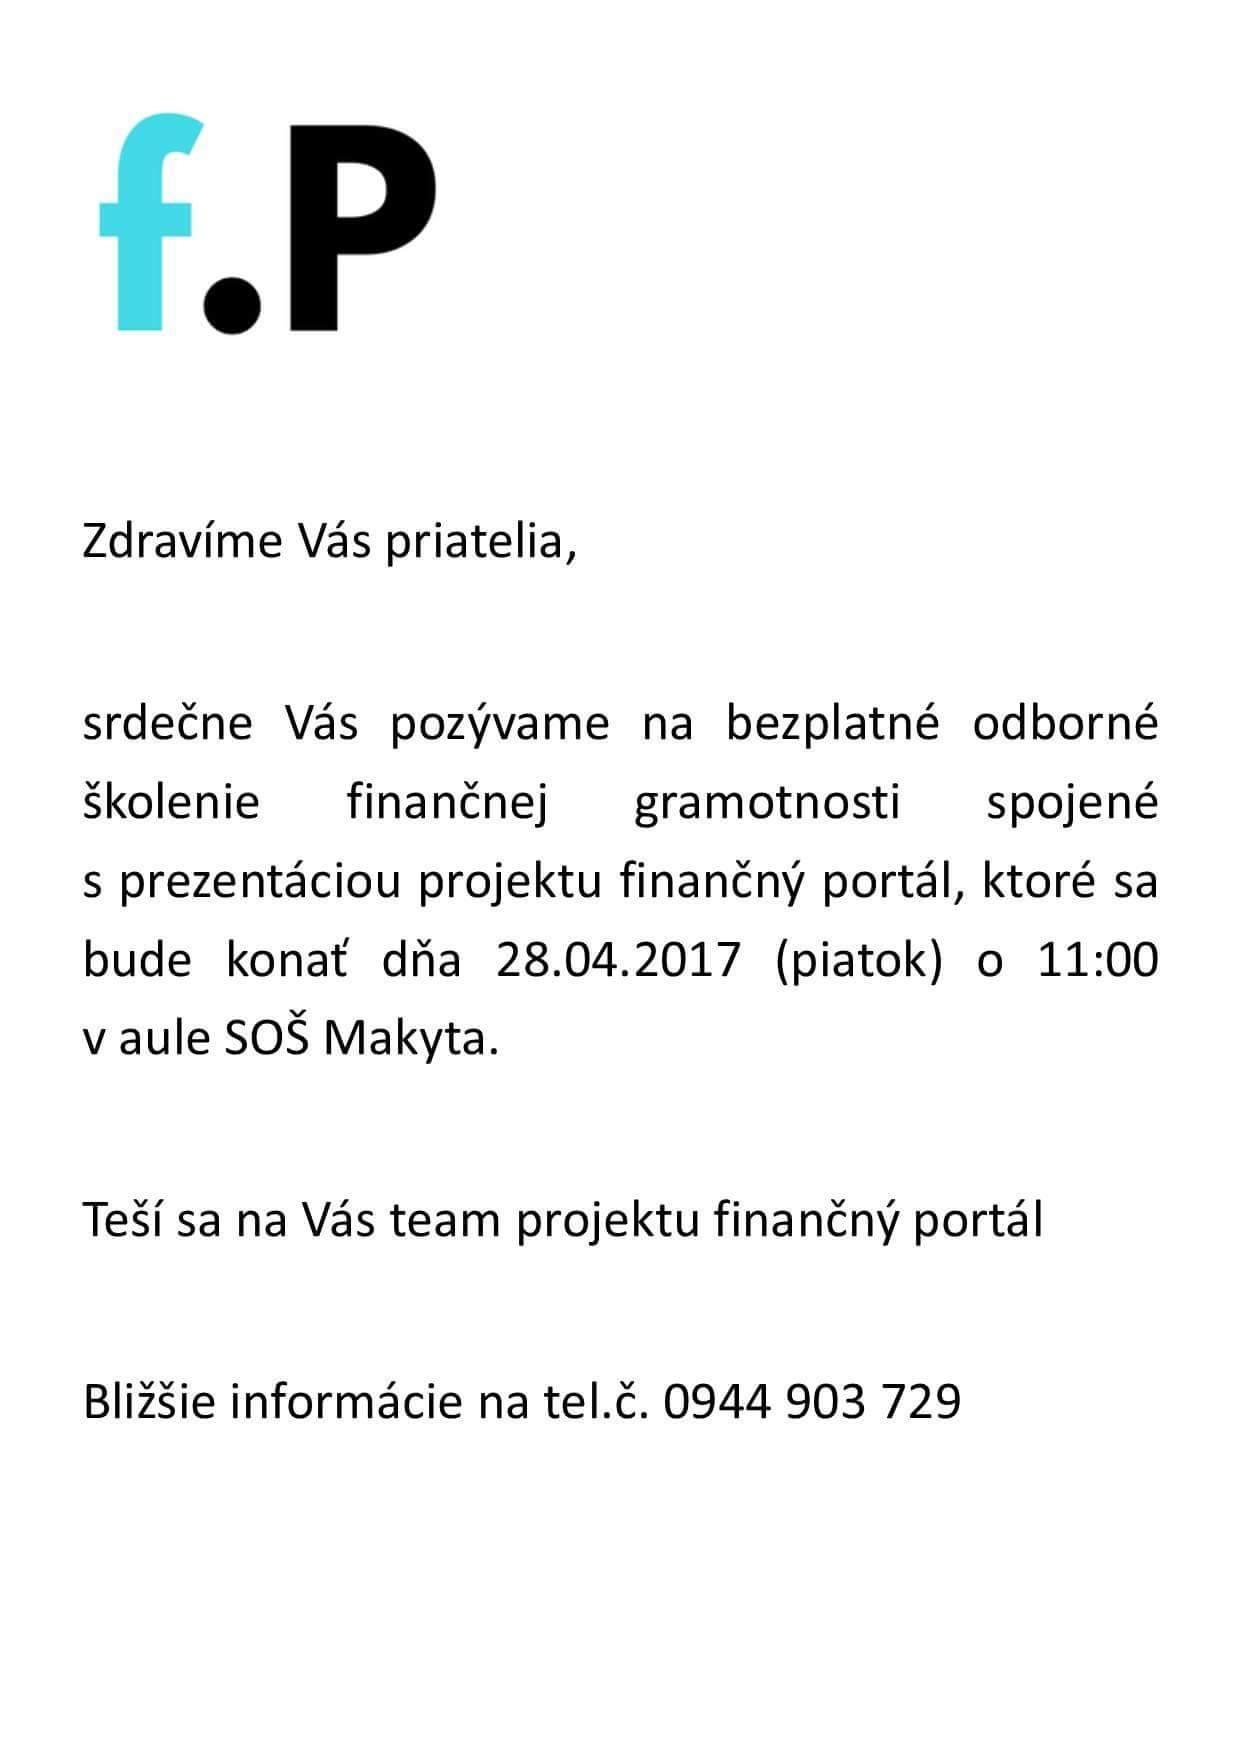 Odborné školenie finančnej gramotnosti @ aula SOŠ Makyta